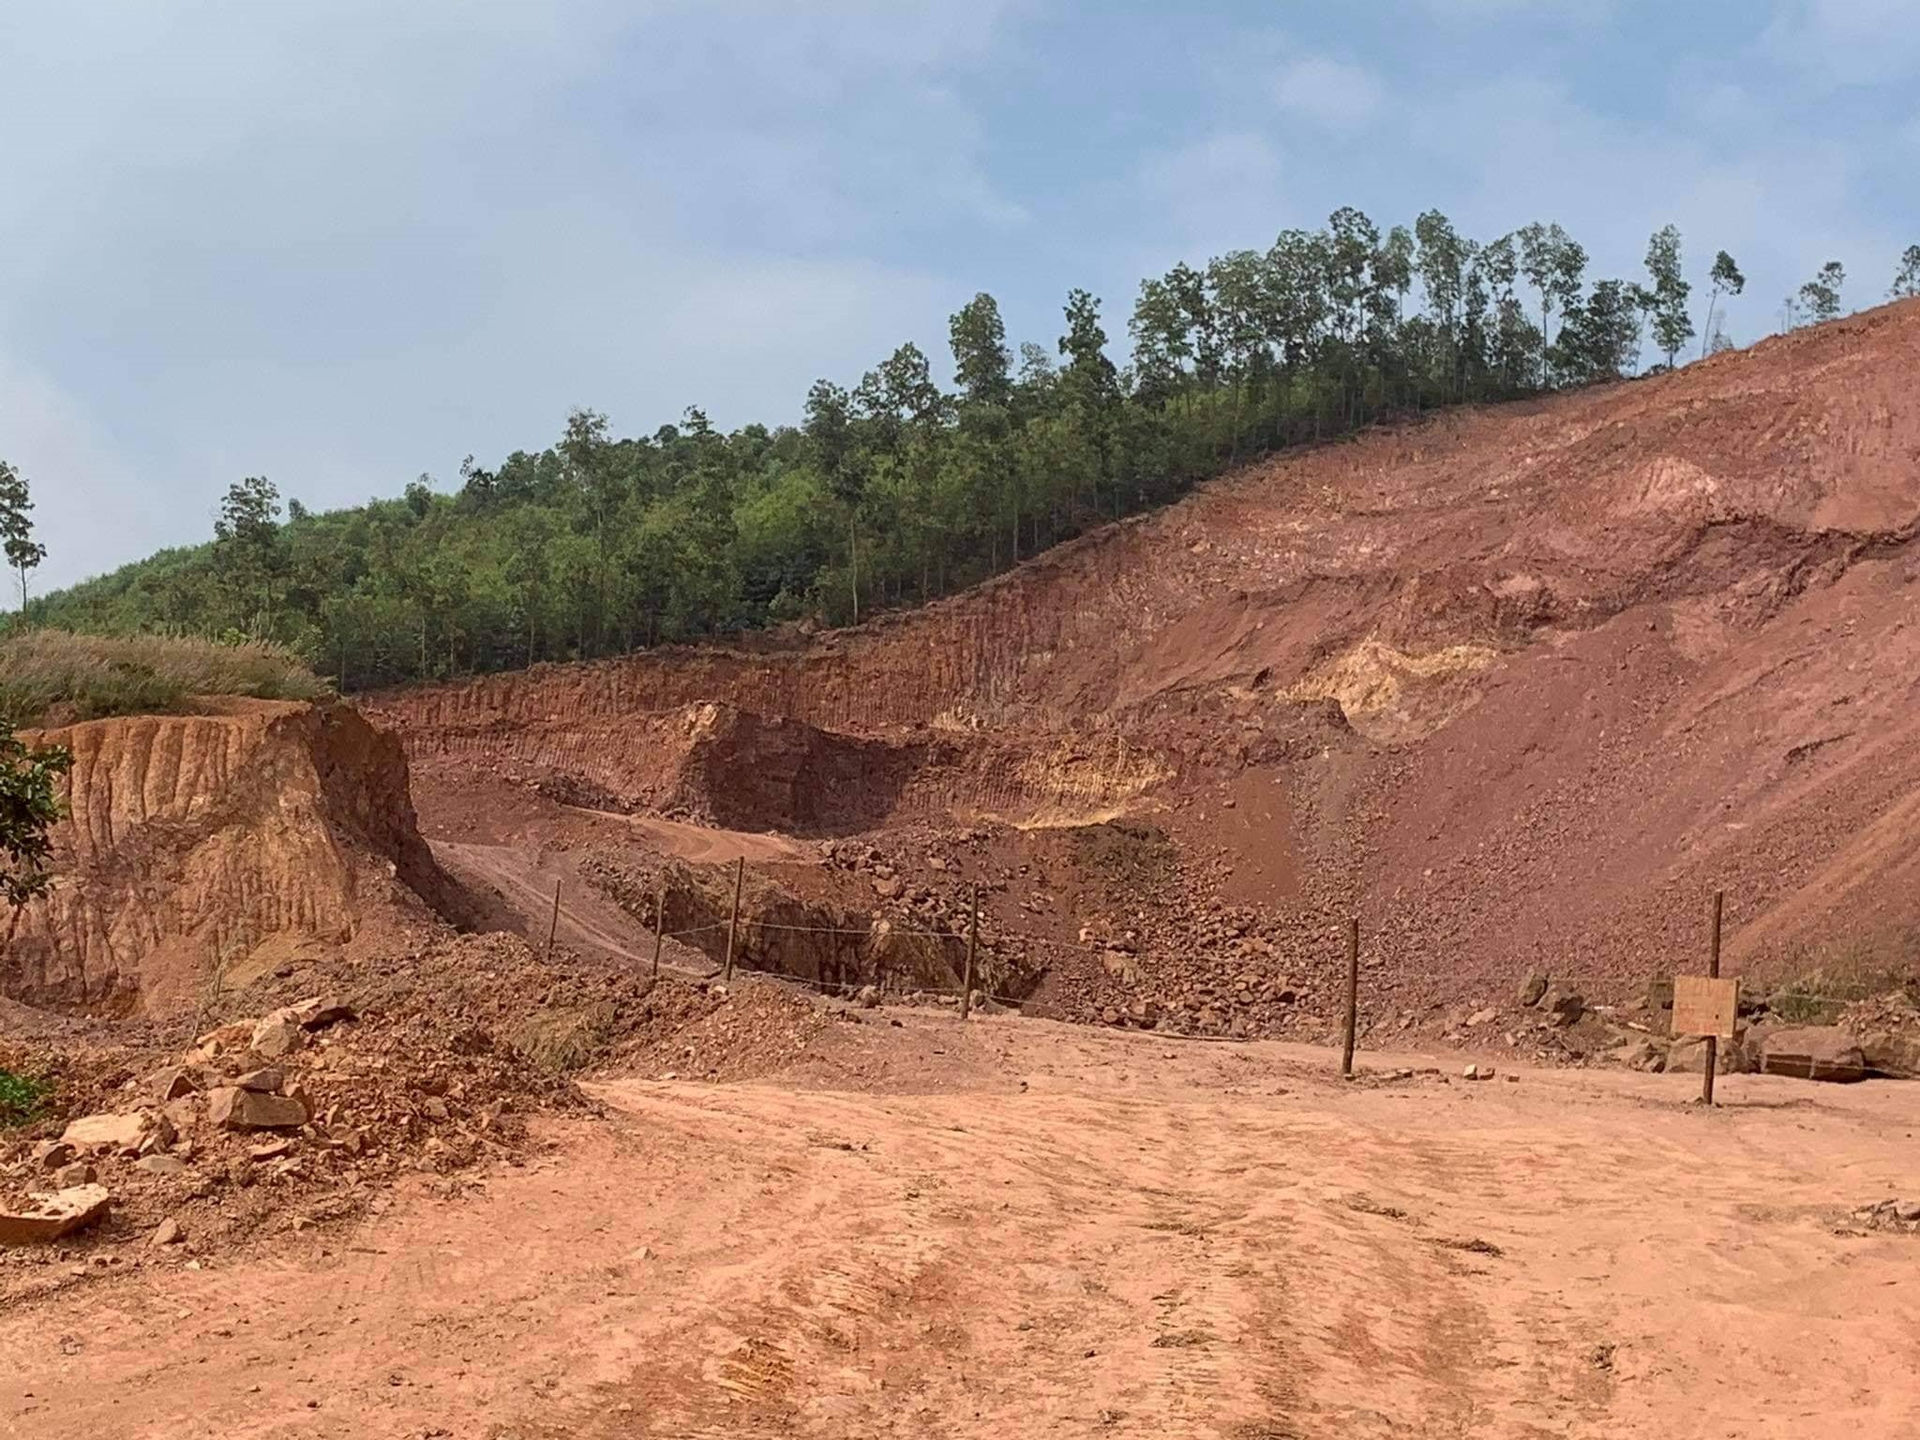 Bắc Giang: Công ty Vĩnh Long có mang khoáng sản ra khỏi tỉnh?